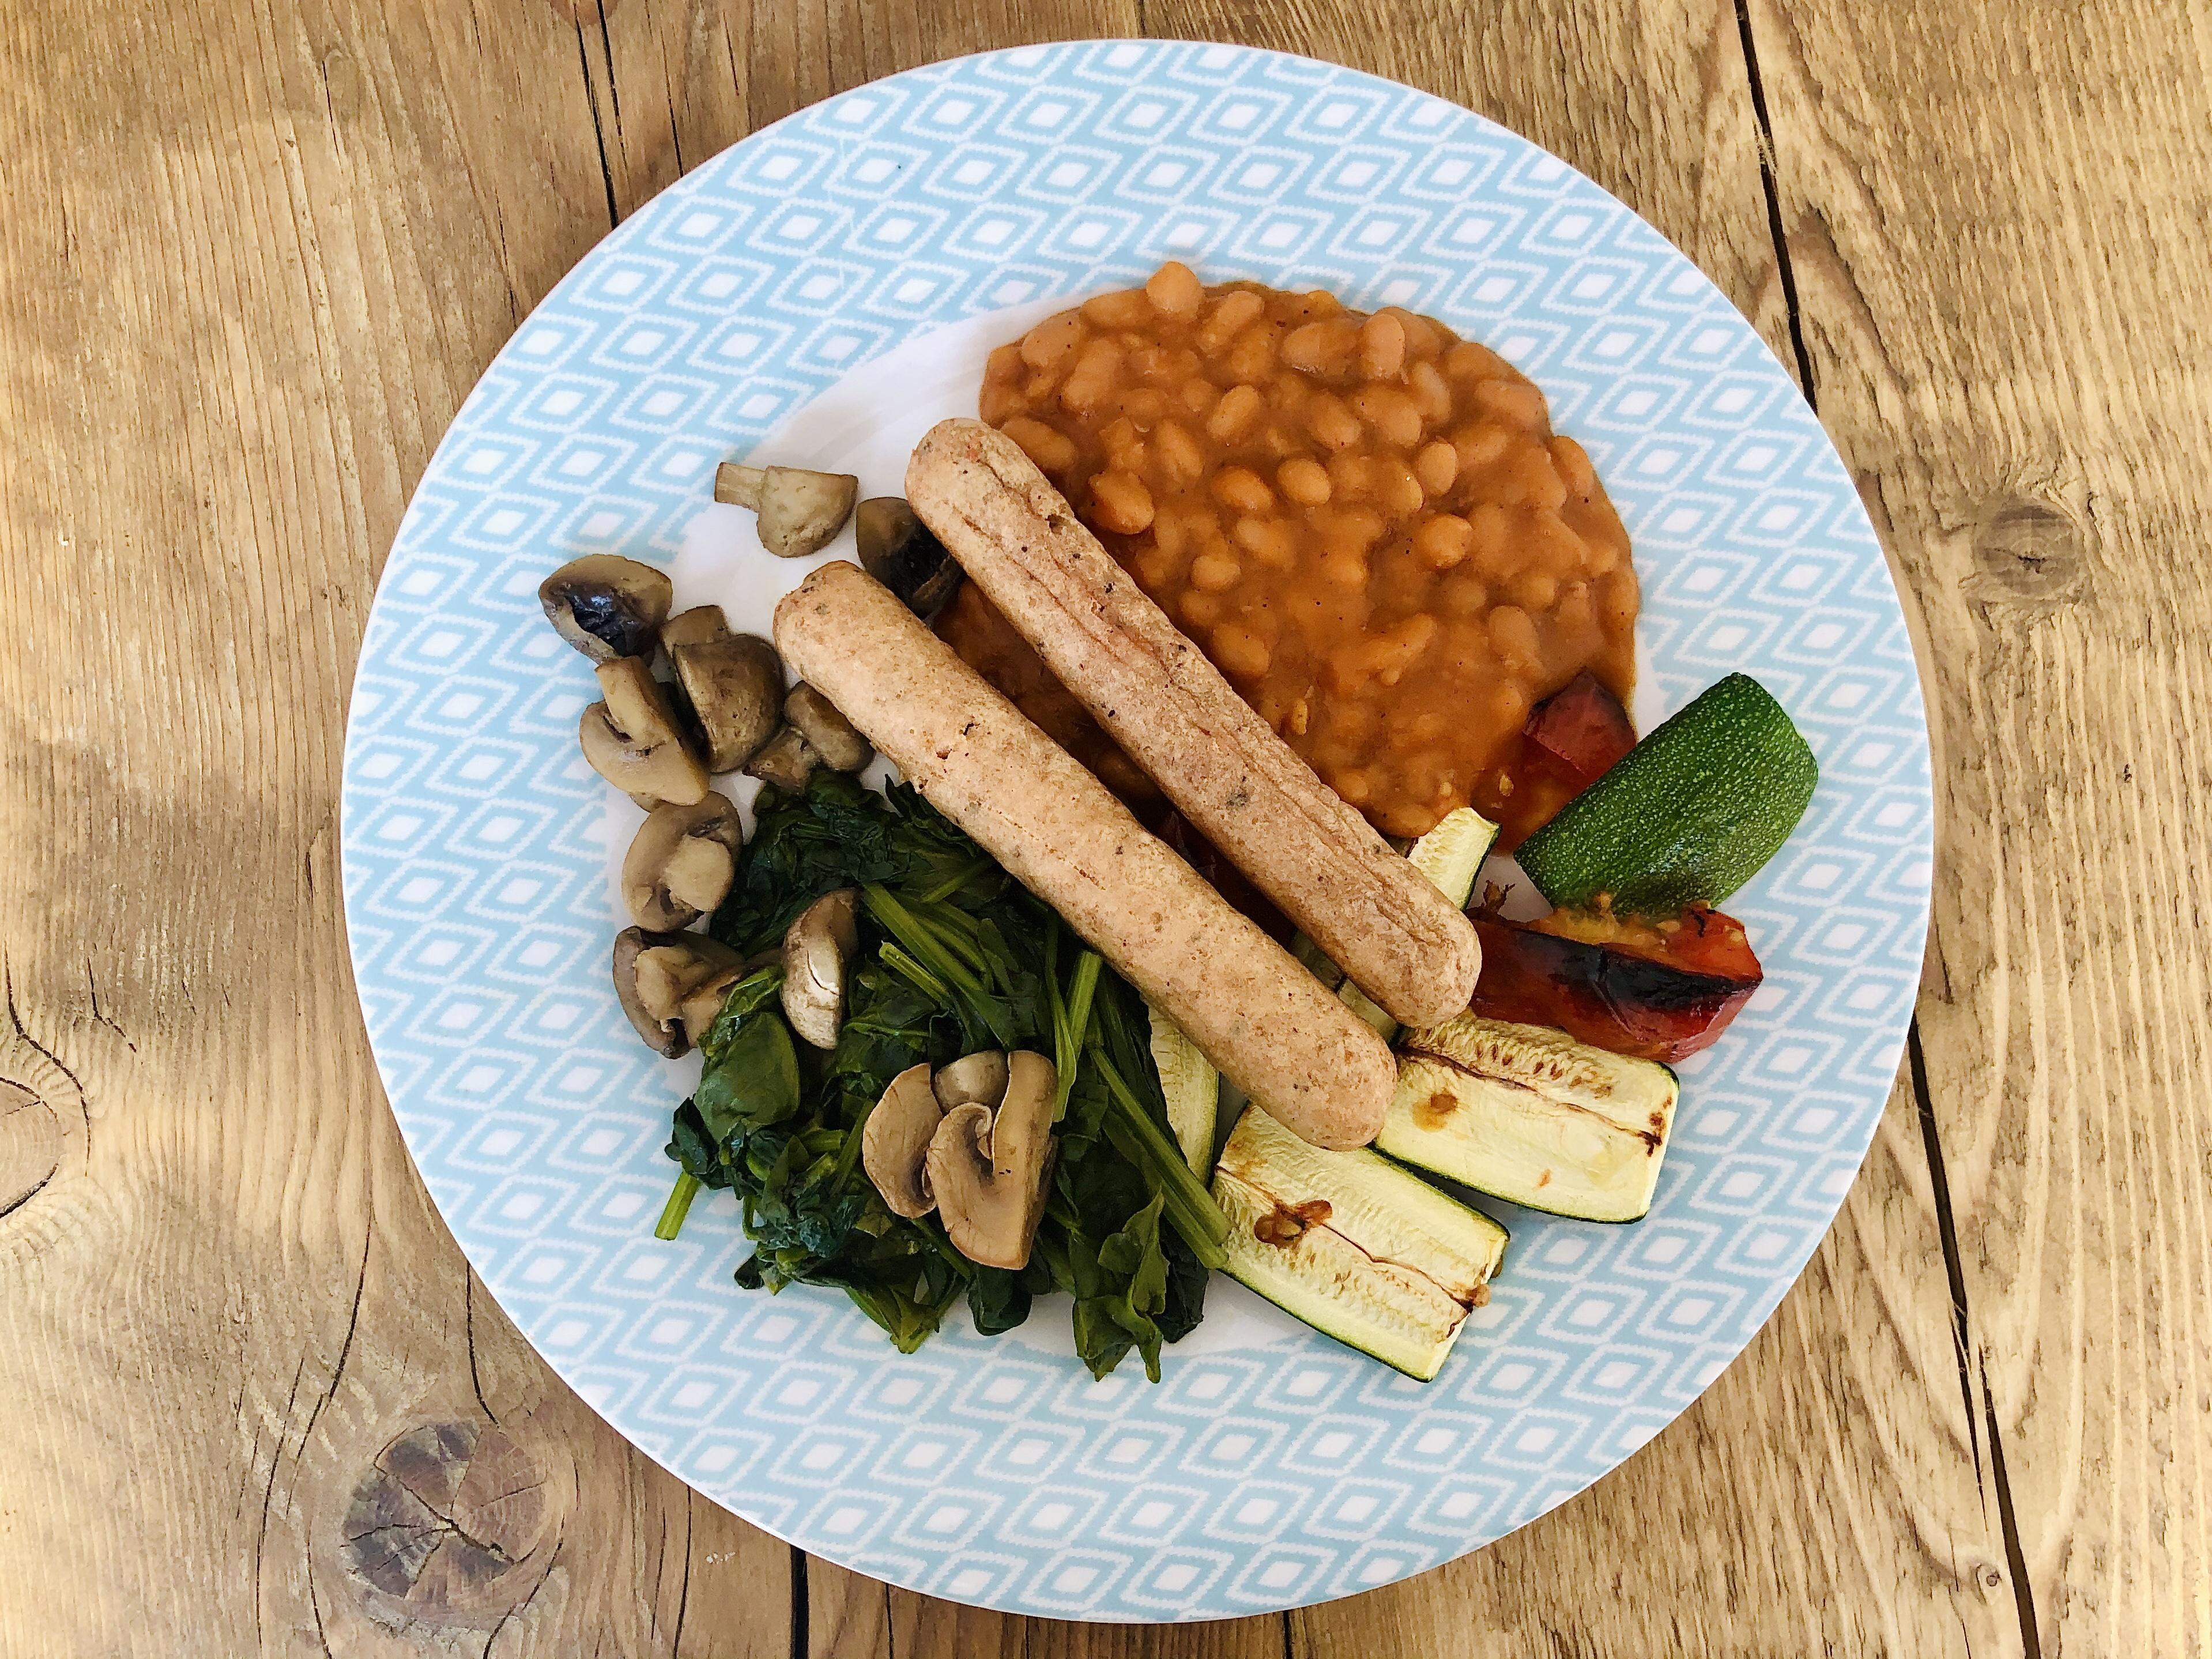 Cooked vegan breakfast